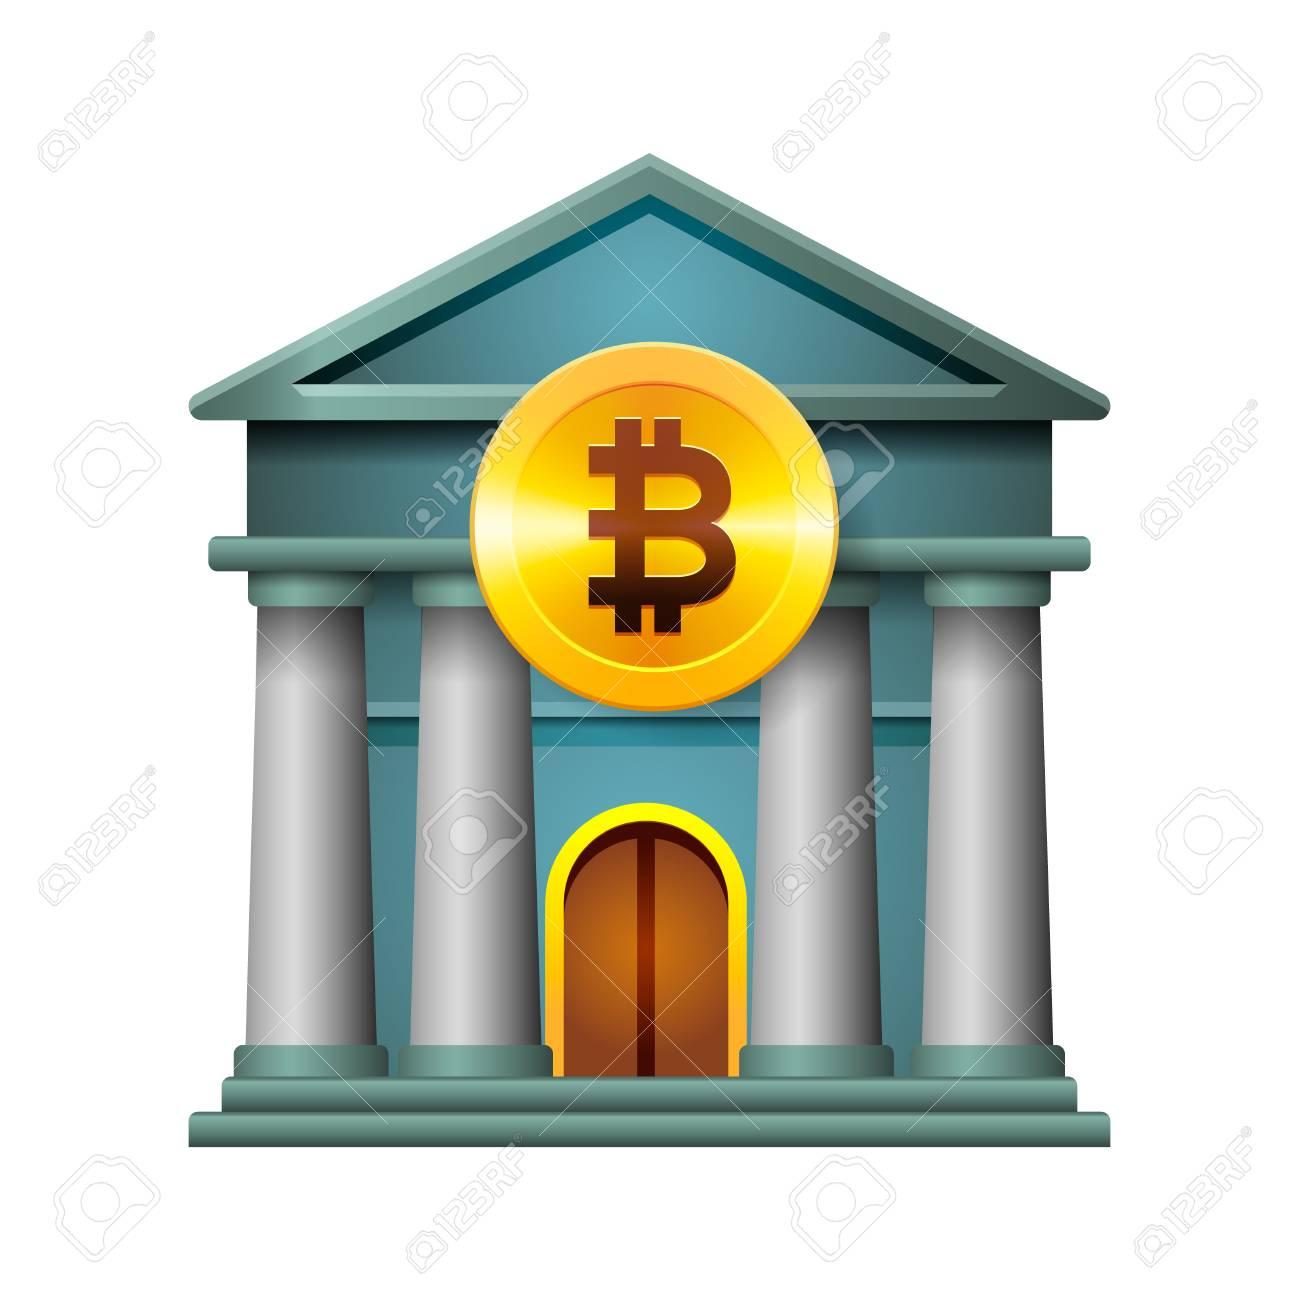 bitcoin exchange bank